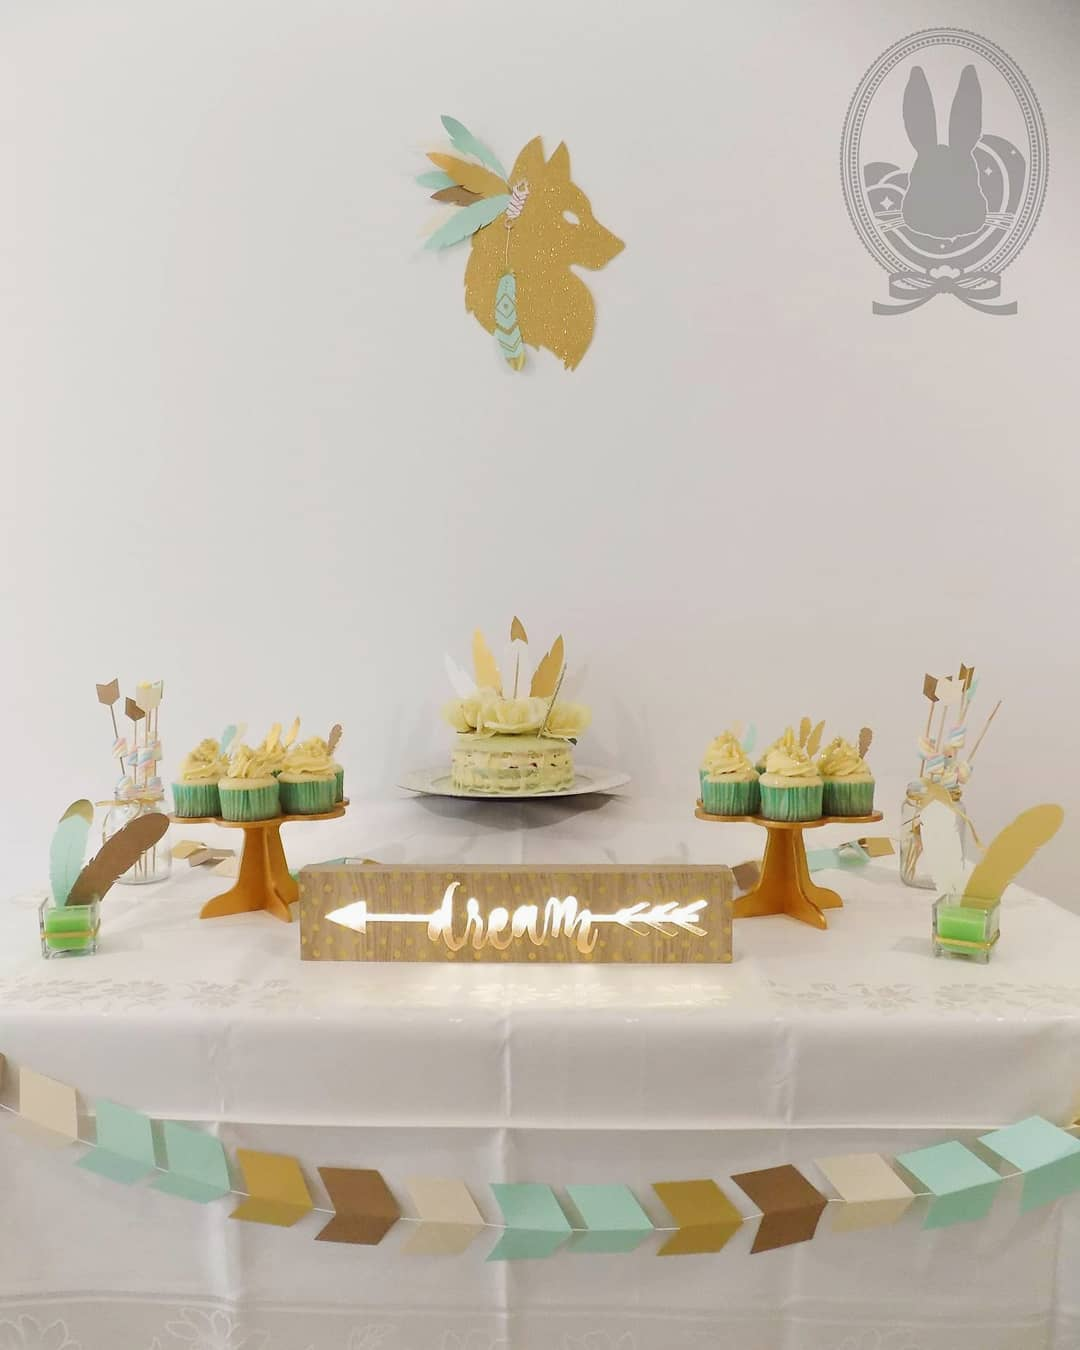 Como você imagina seu próximo aniversário?  # decoração #decorosario #deco #party ...